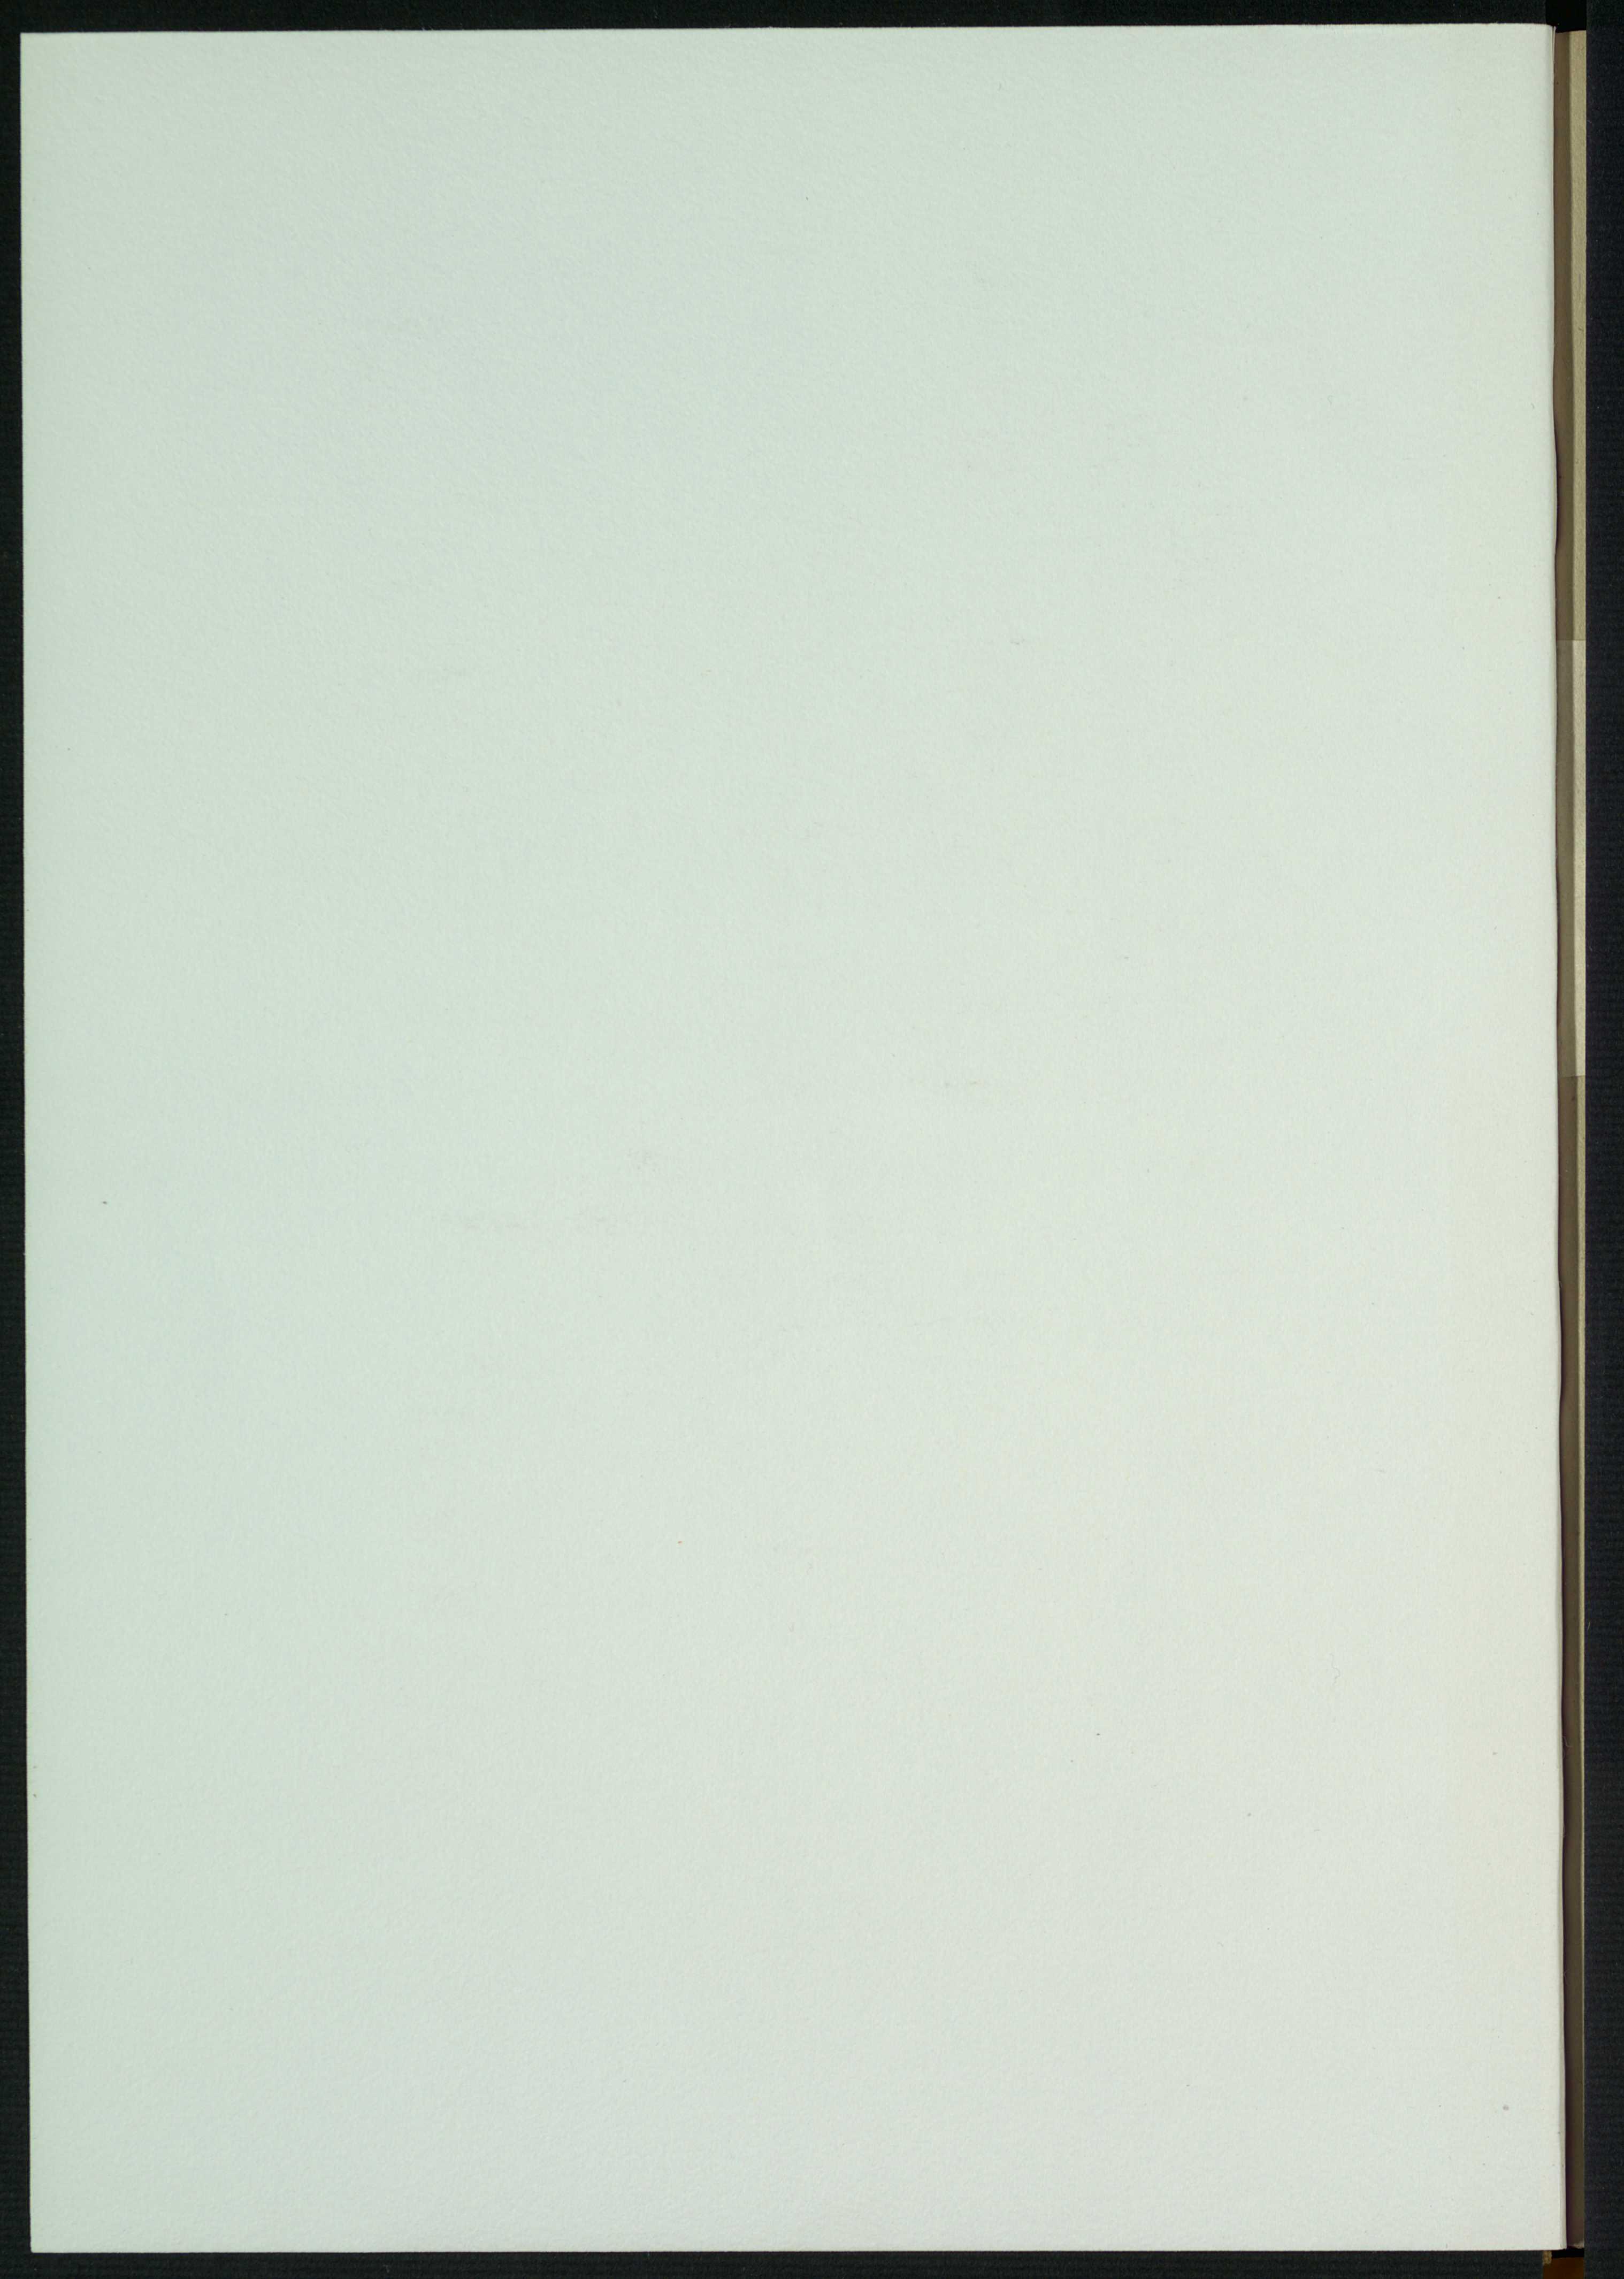 AM 165 b fol - 1v-FFl